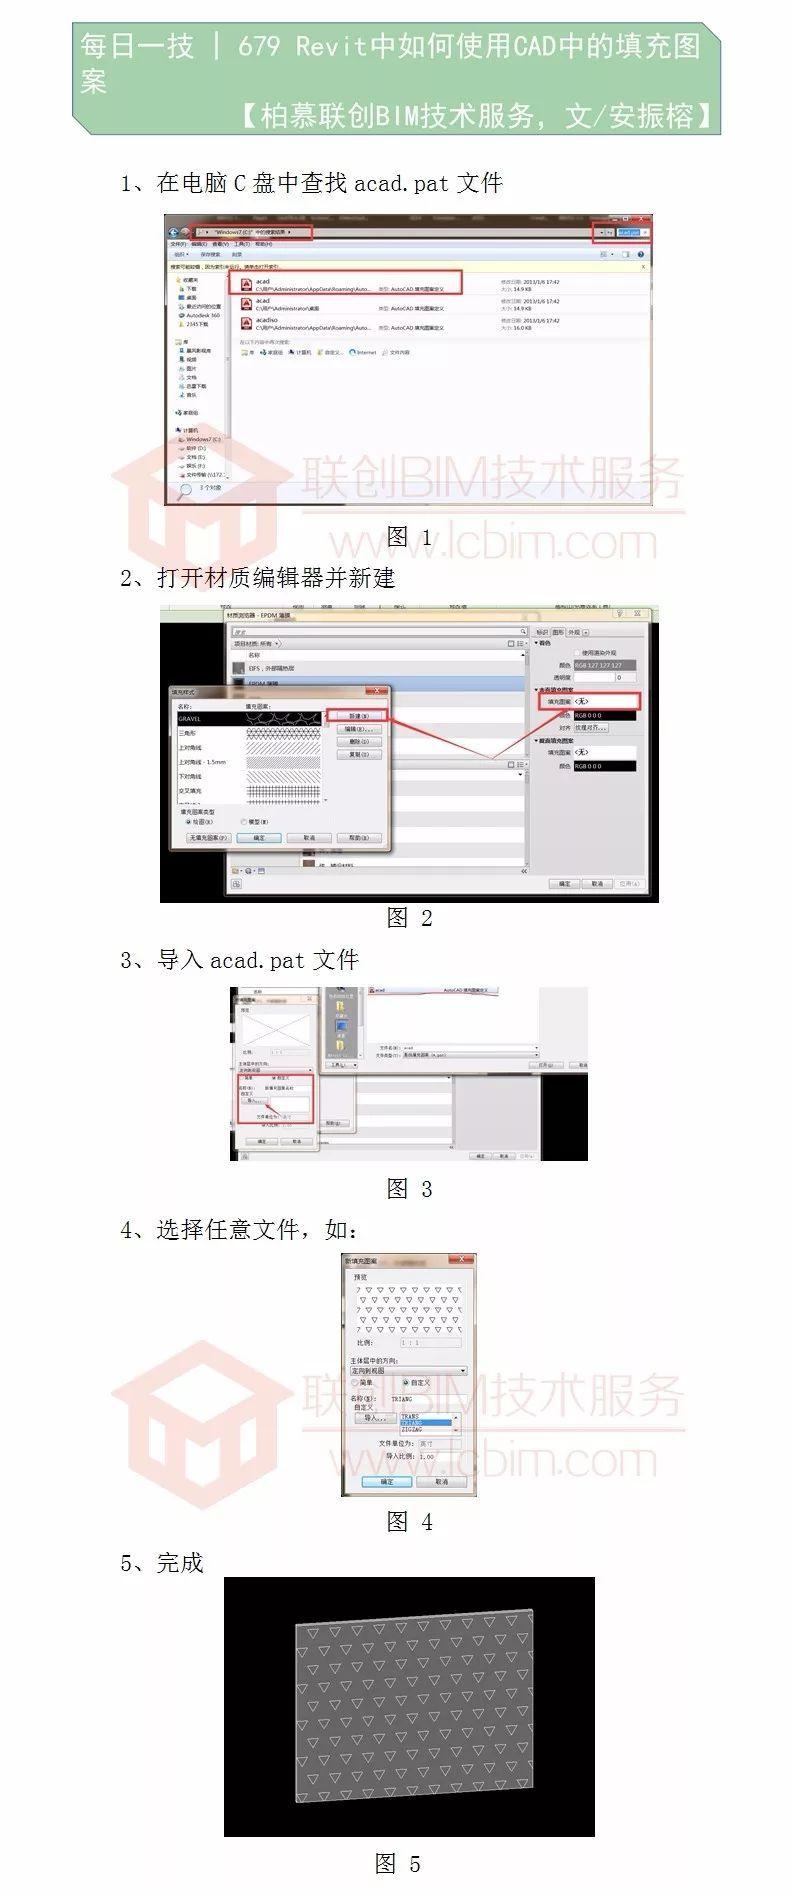 每日一技 | 679 revit中如何使用cad中的填充图案(文图片